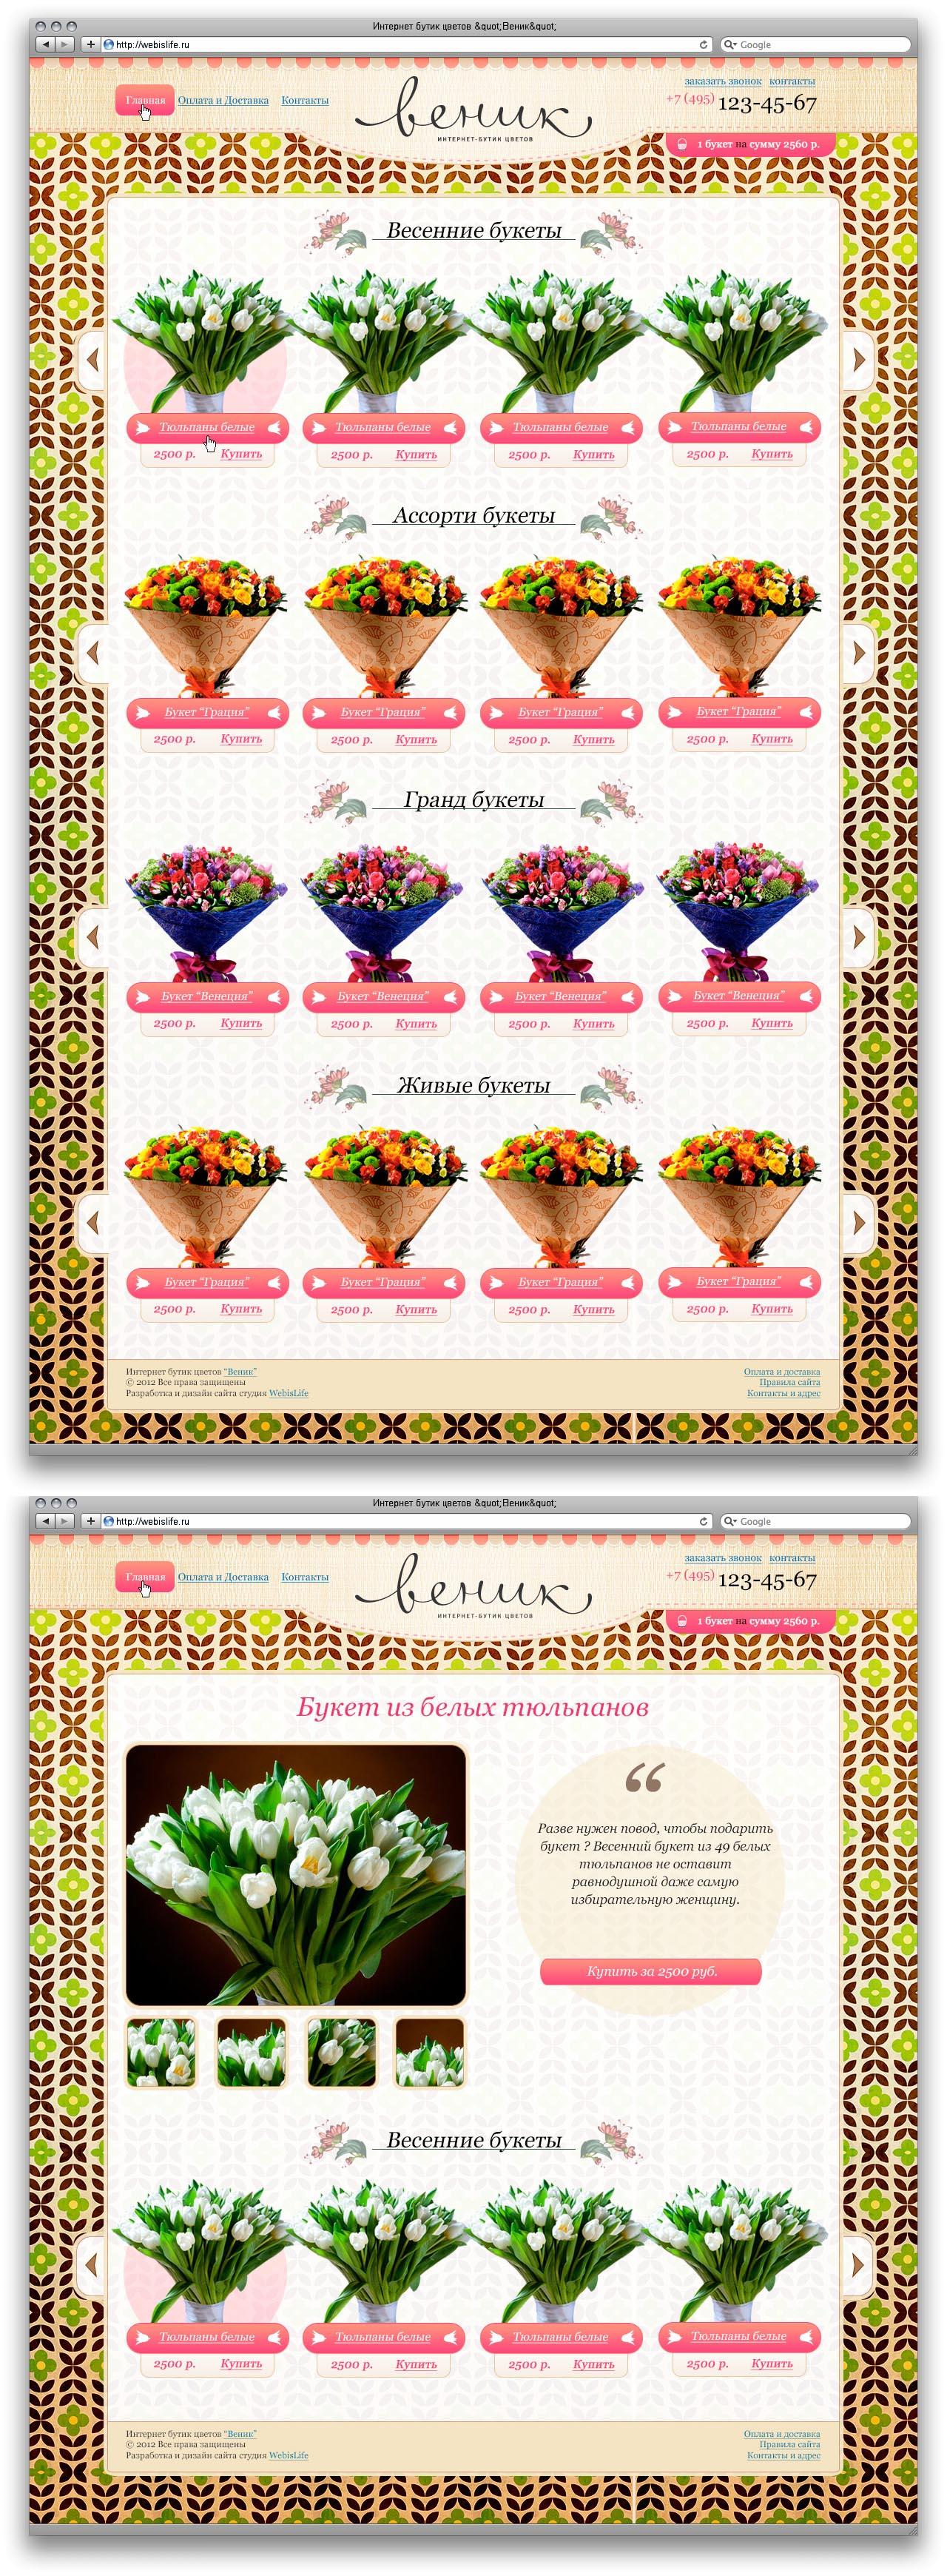 Интернет магазин цветов - Веник